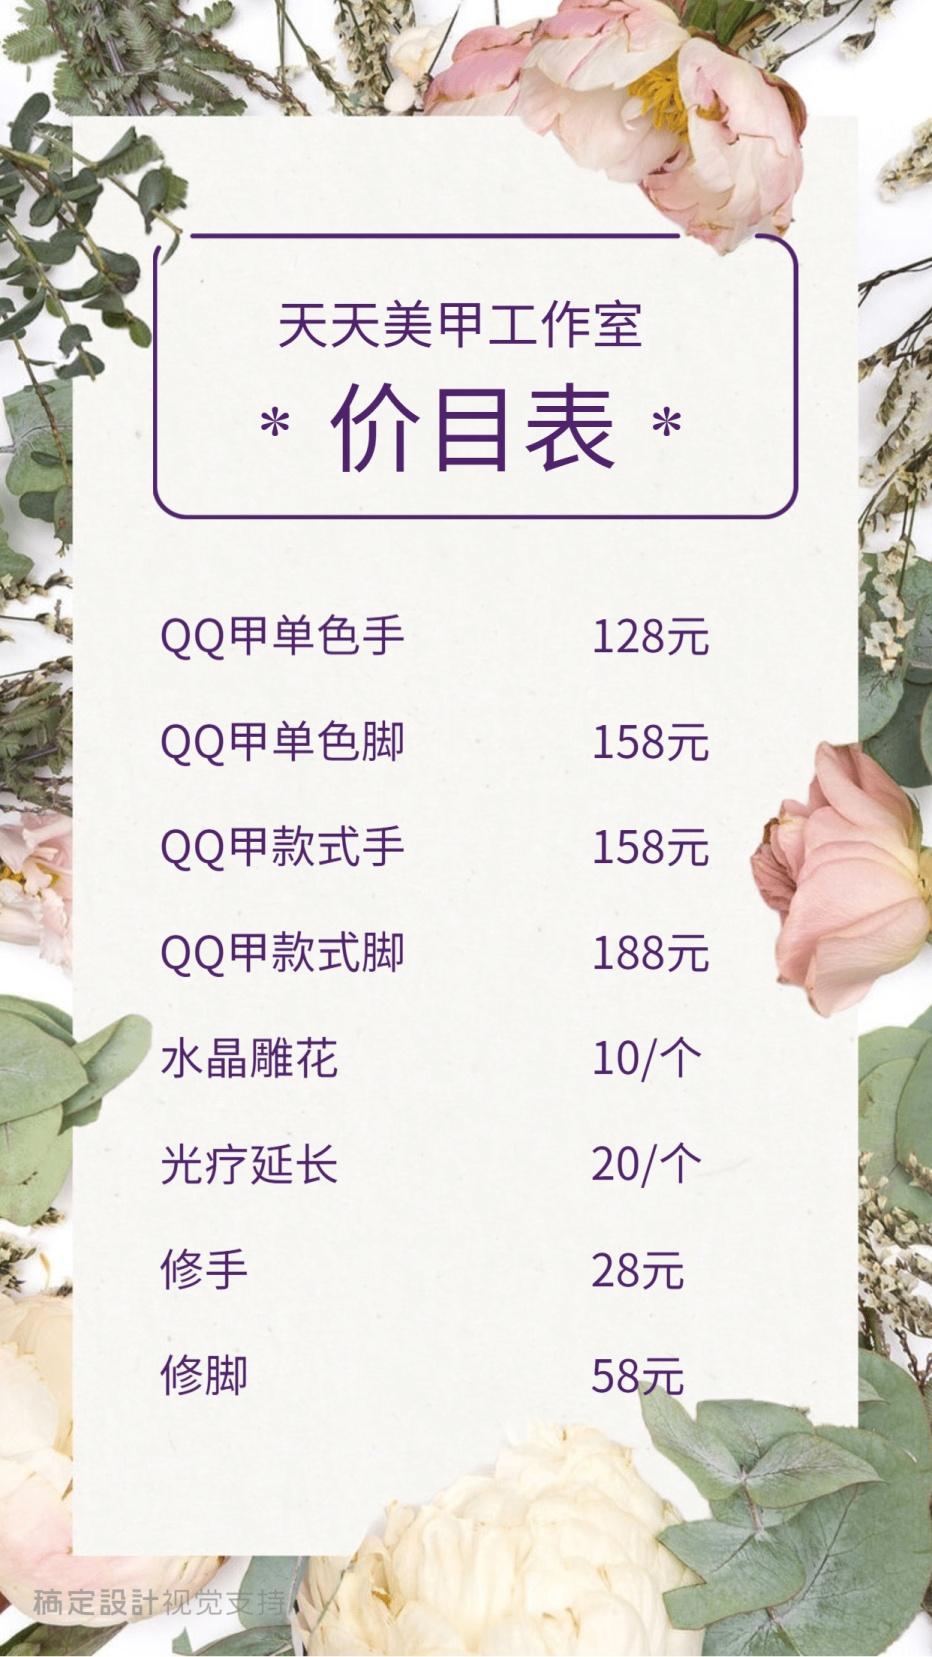 手部护理价目表